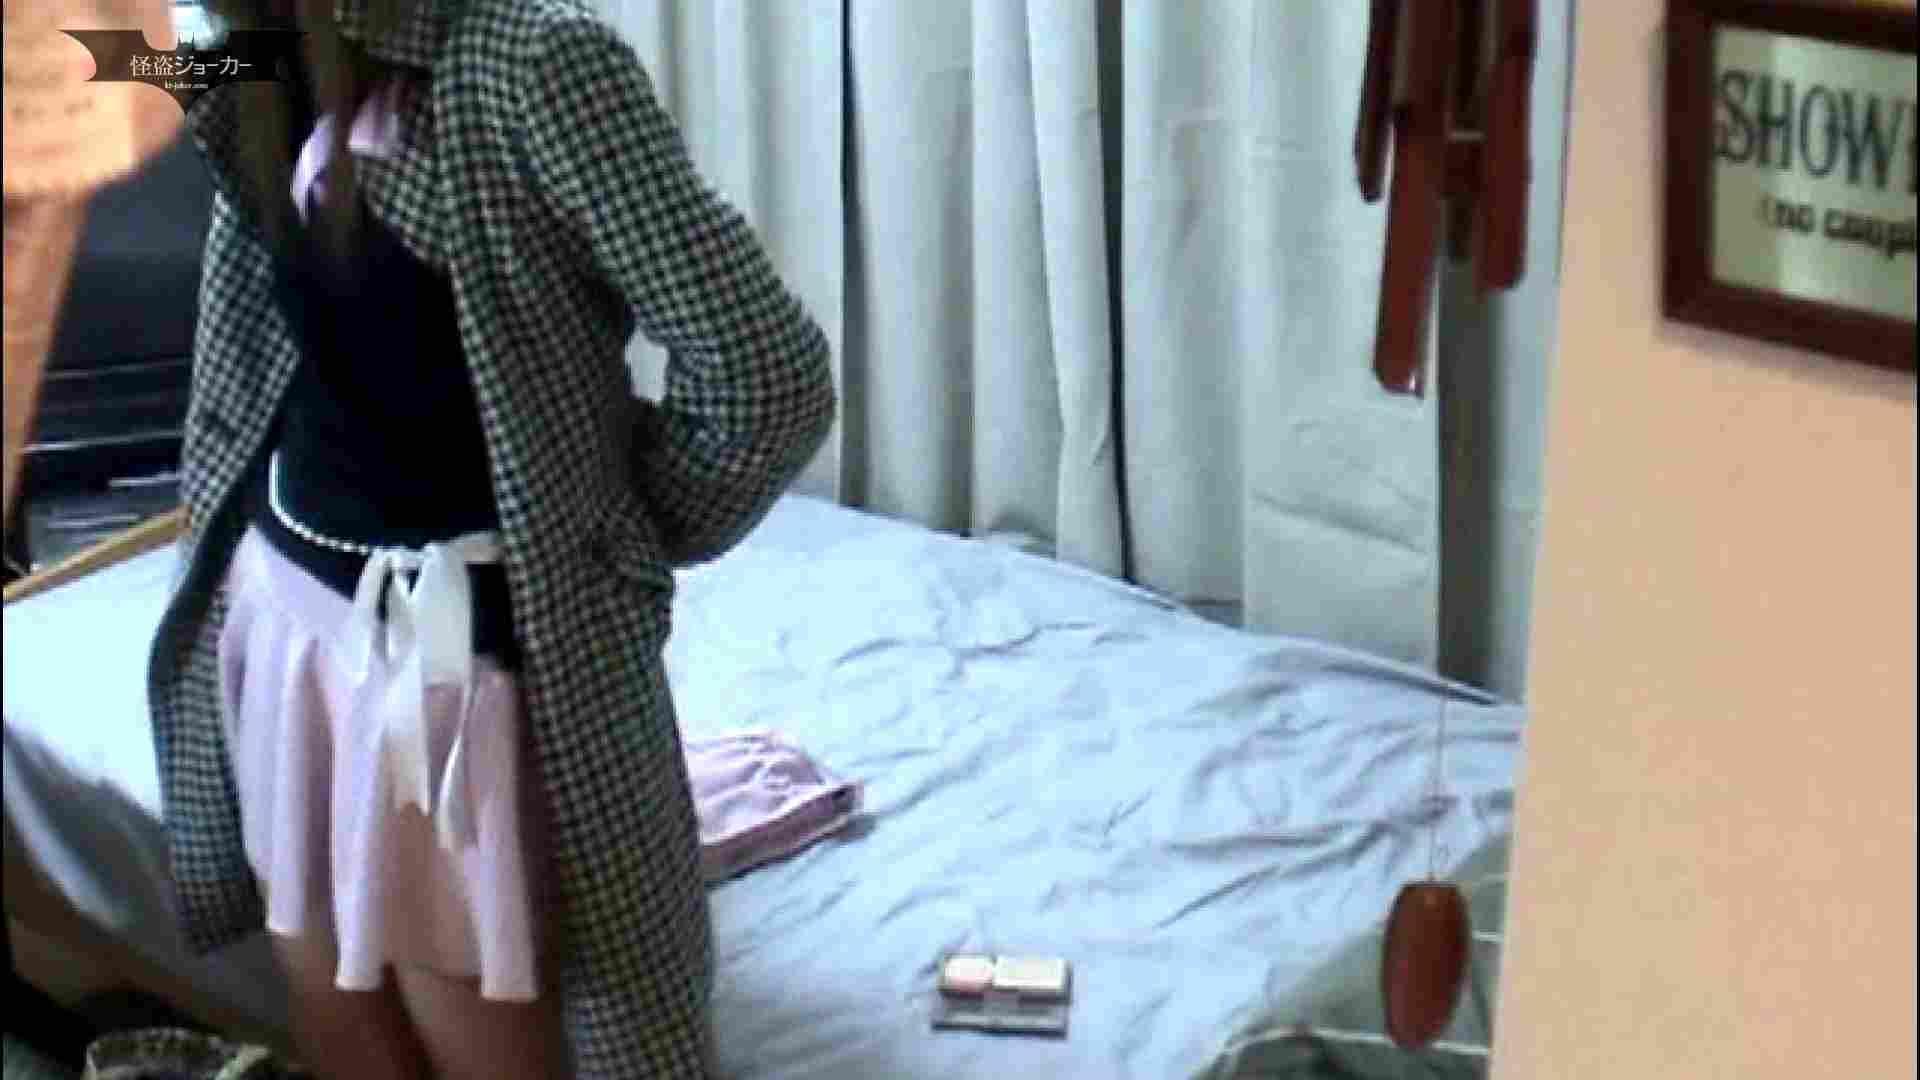 素人女良を部屋に連れ込み隠し撮りSEX!! その③ 美白女良さやか 美乳 AV無料 108画像 29